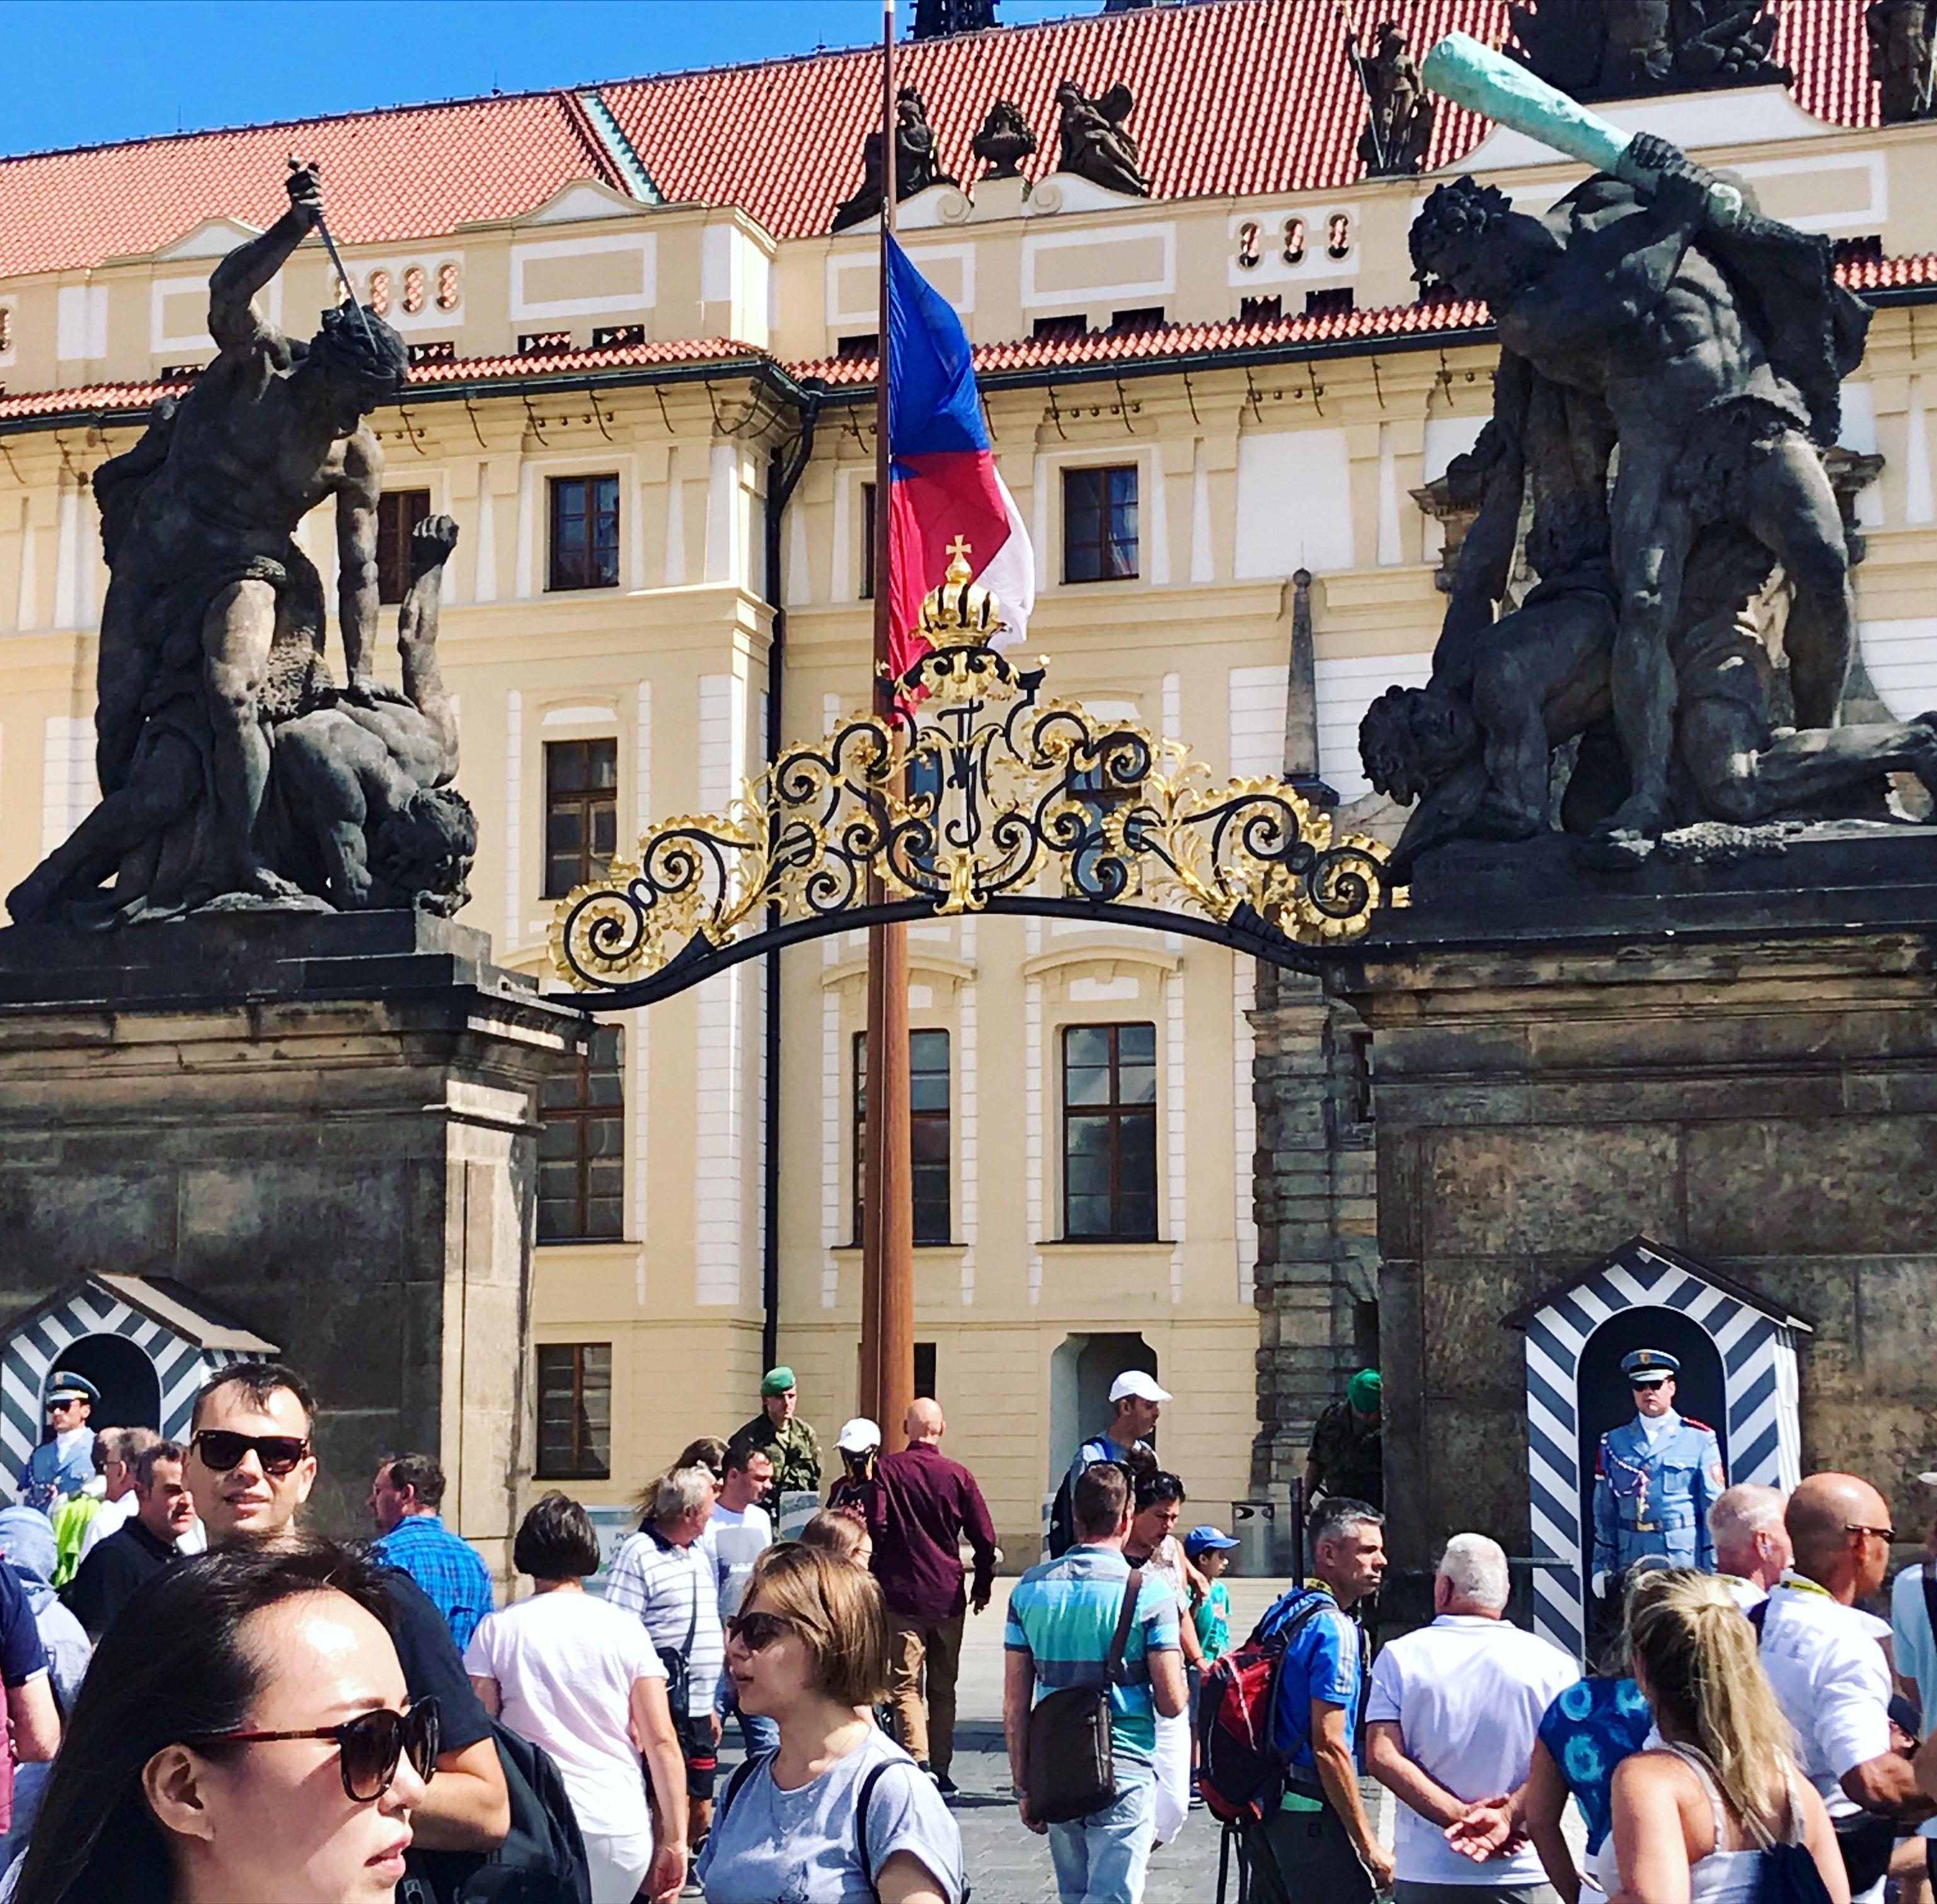 2 Übernachtungen, 2 Personen inkl. Frühstück in Prag für 39 pro Person ins. 78 Euro